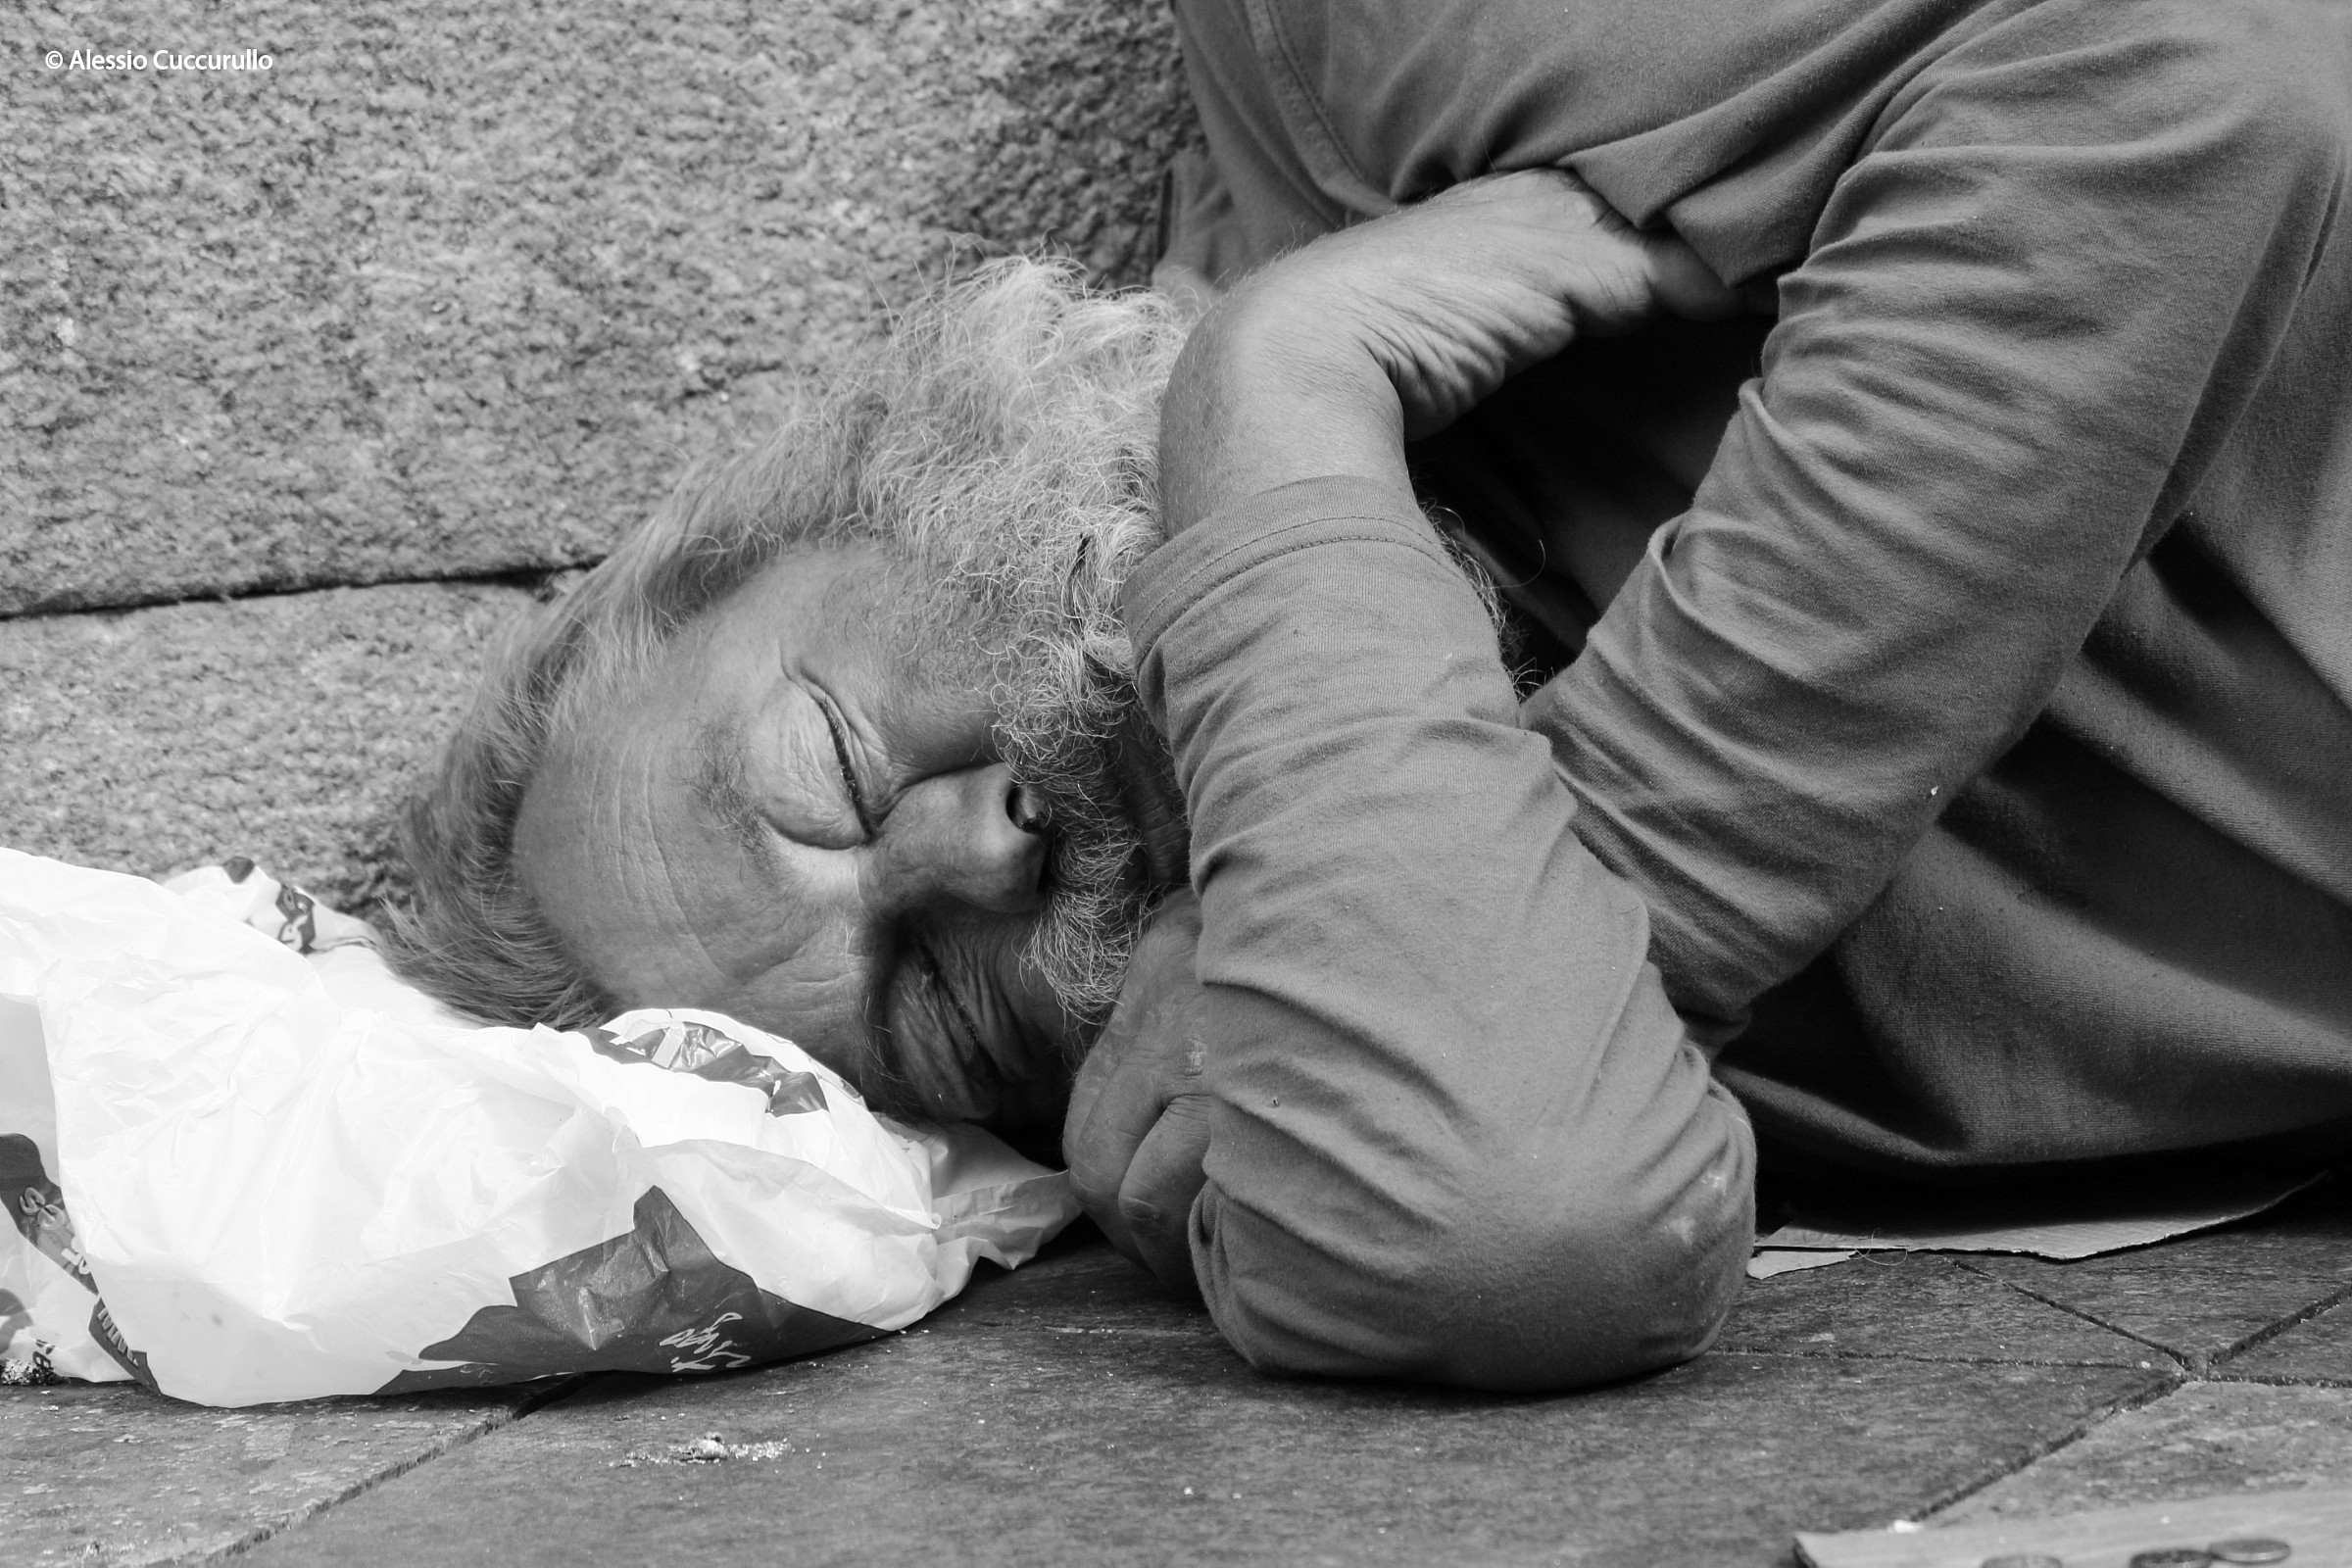 Homeless...